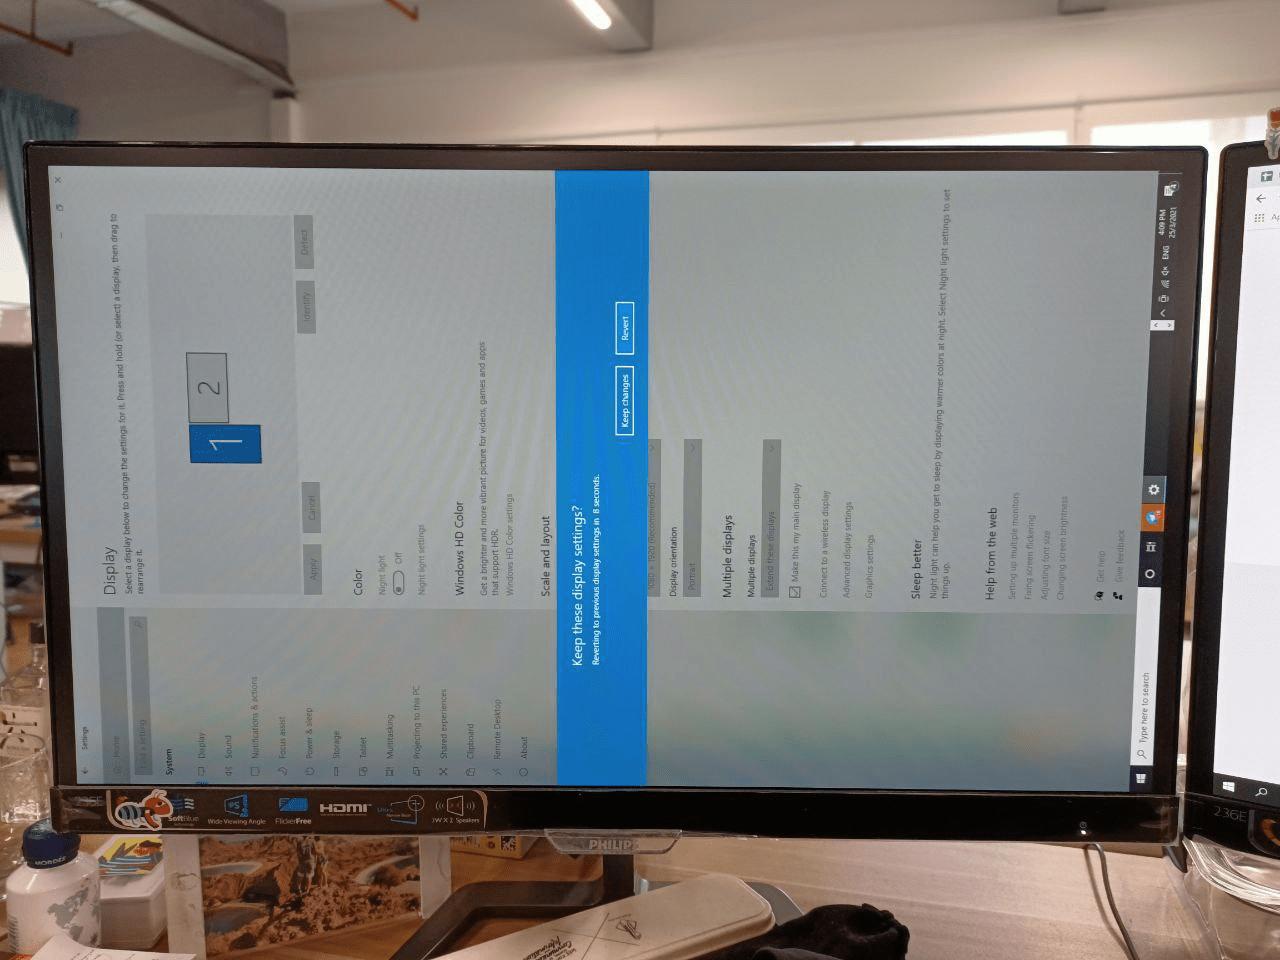 rotate screen